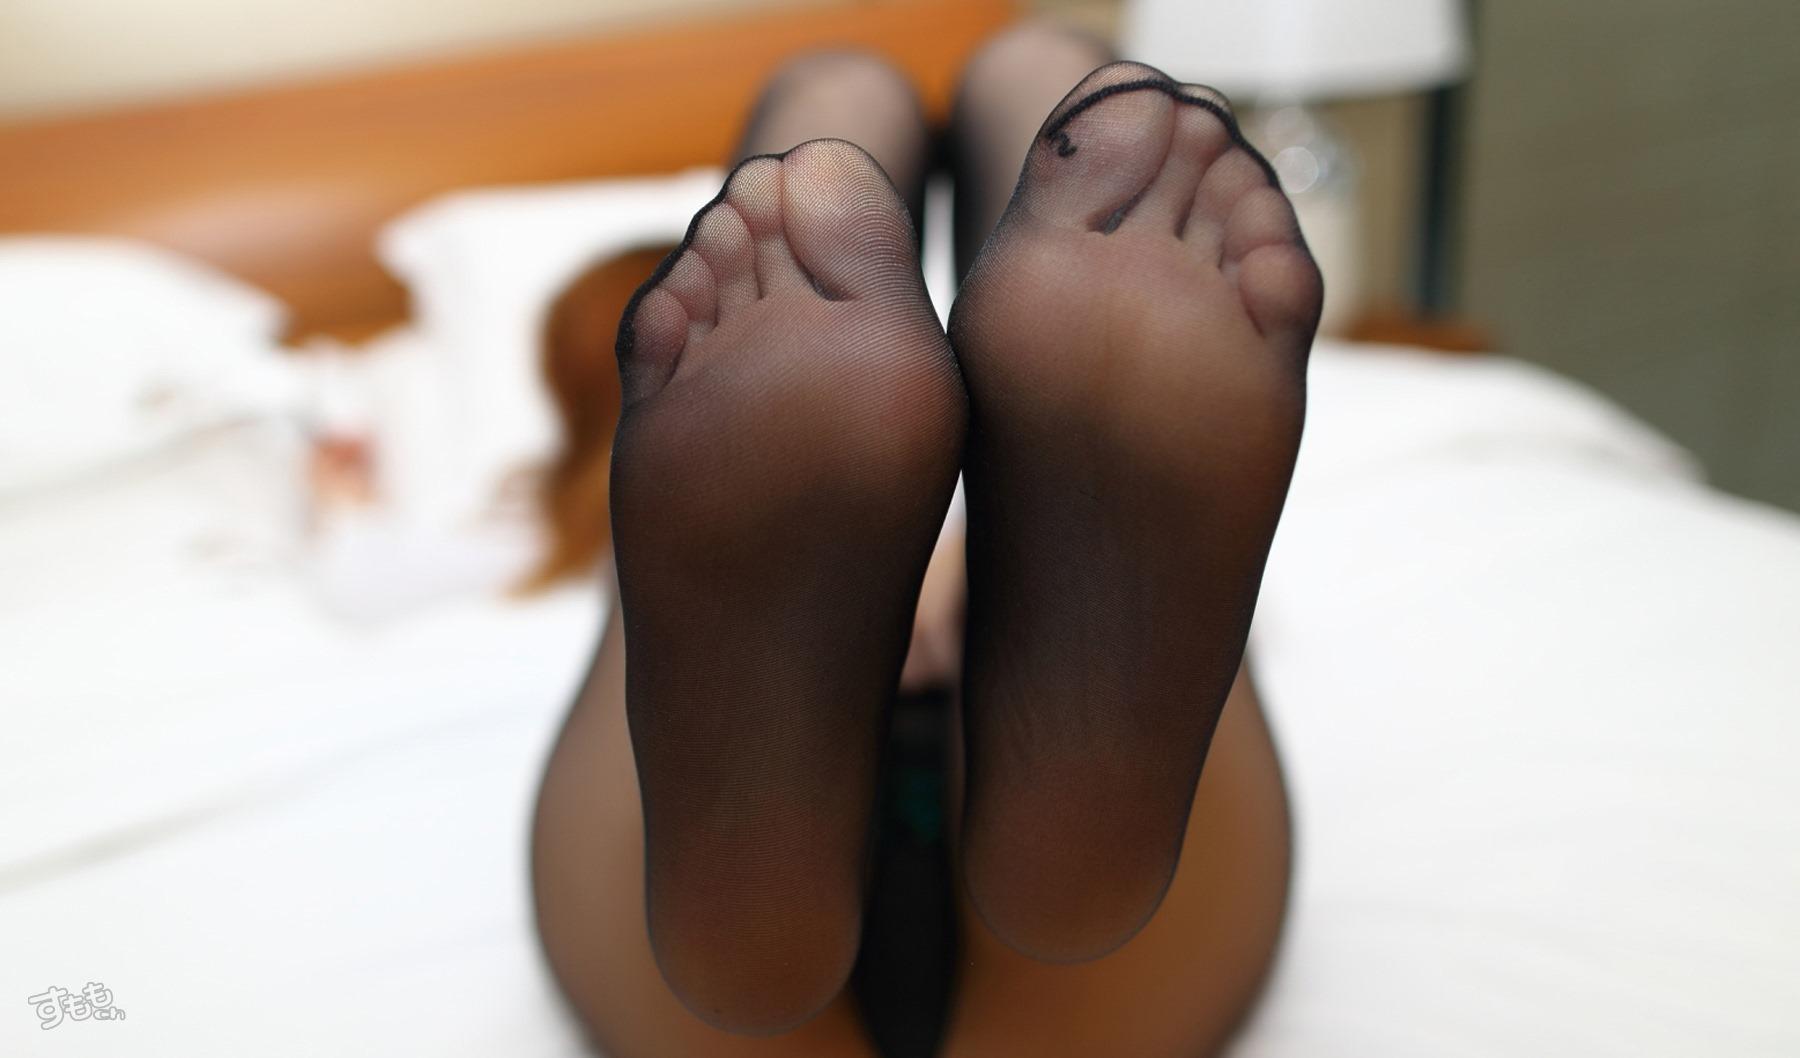 【黒ストッキングエロ画像】美脚をより細く見せる魔法のアイテムがあると聞いてwww 09